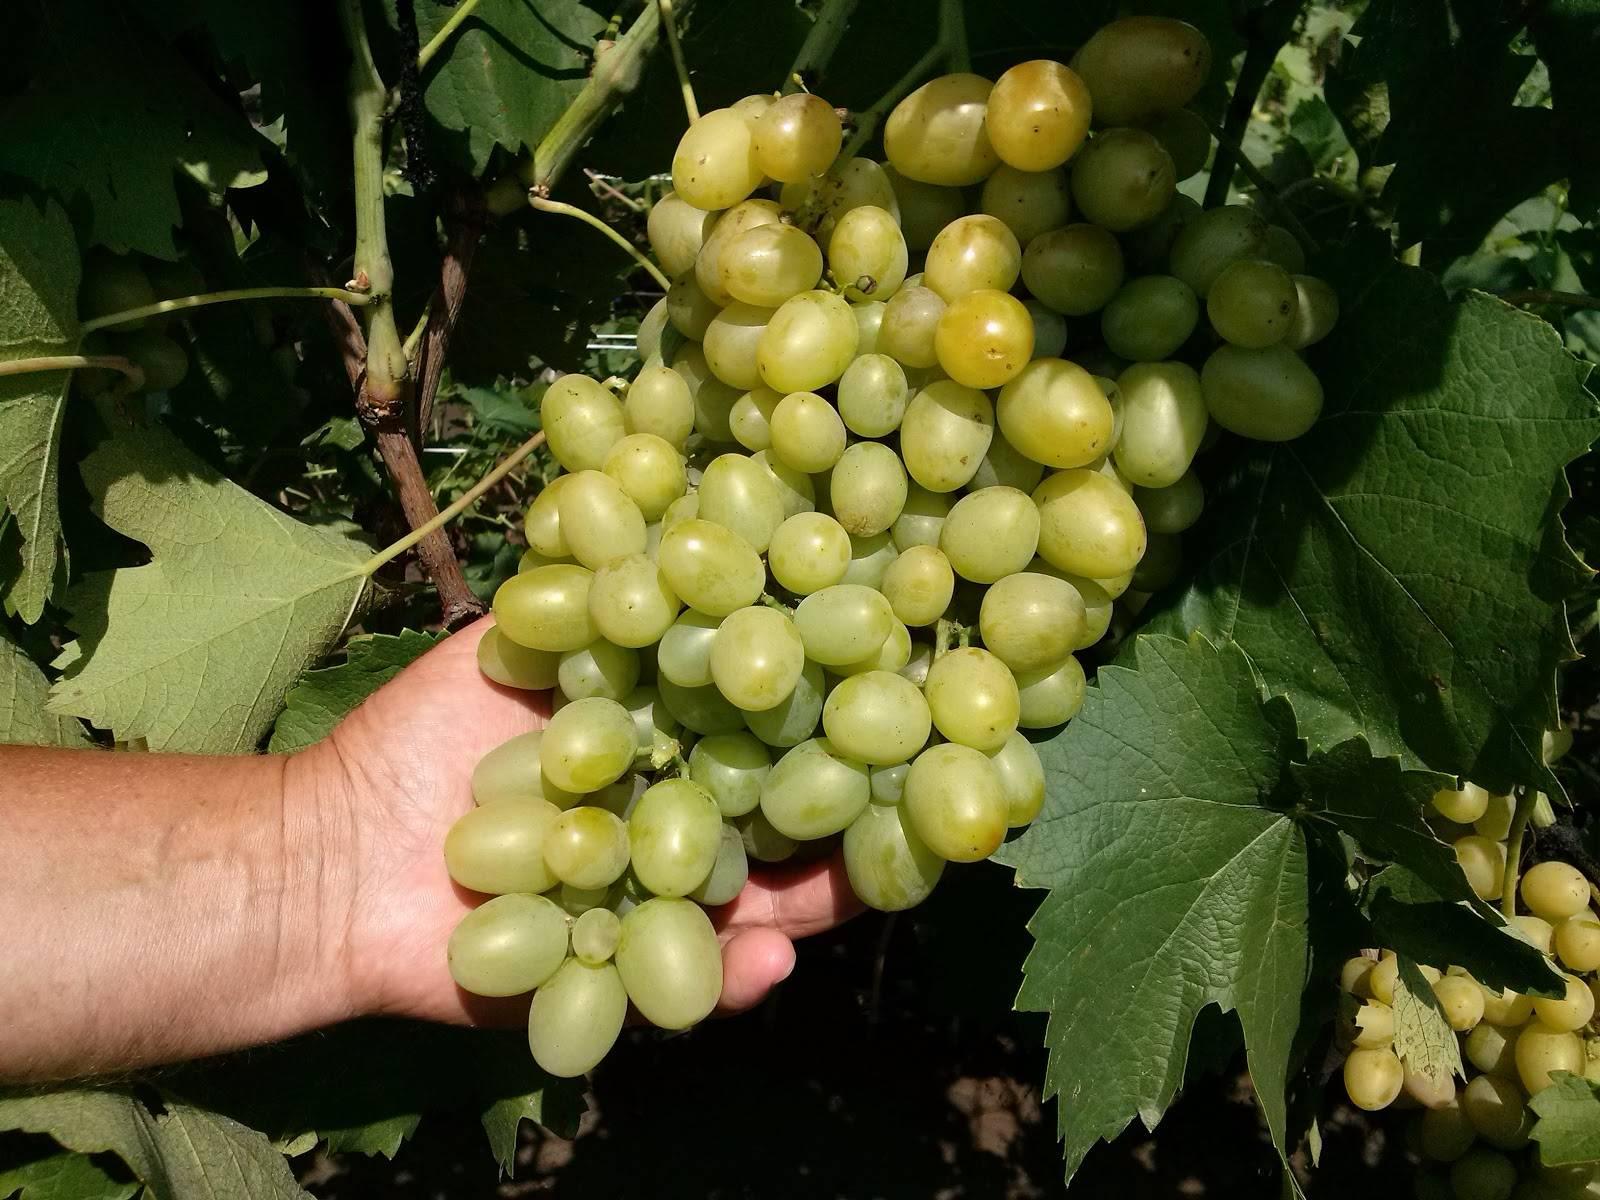 Виноград супер экстра: описание сорта, выращивание, уход и отзывы